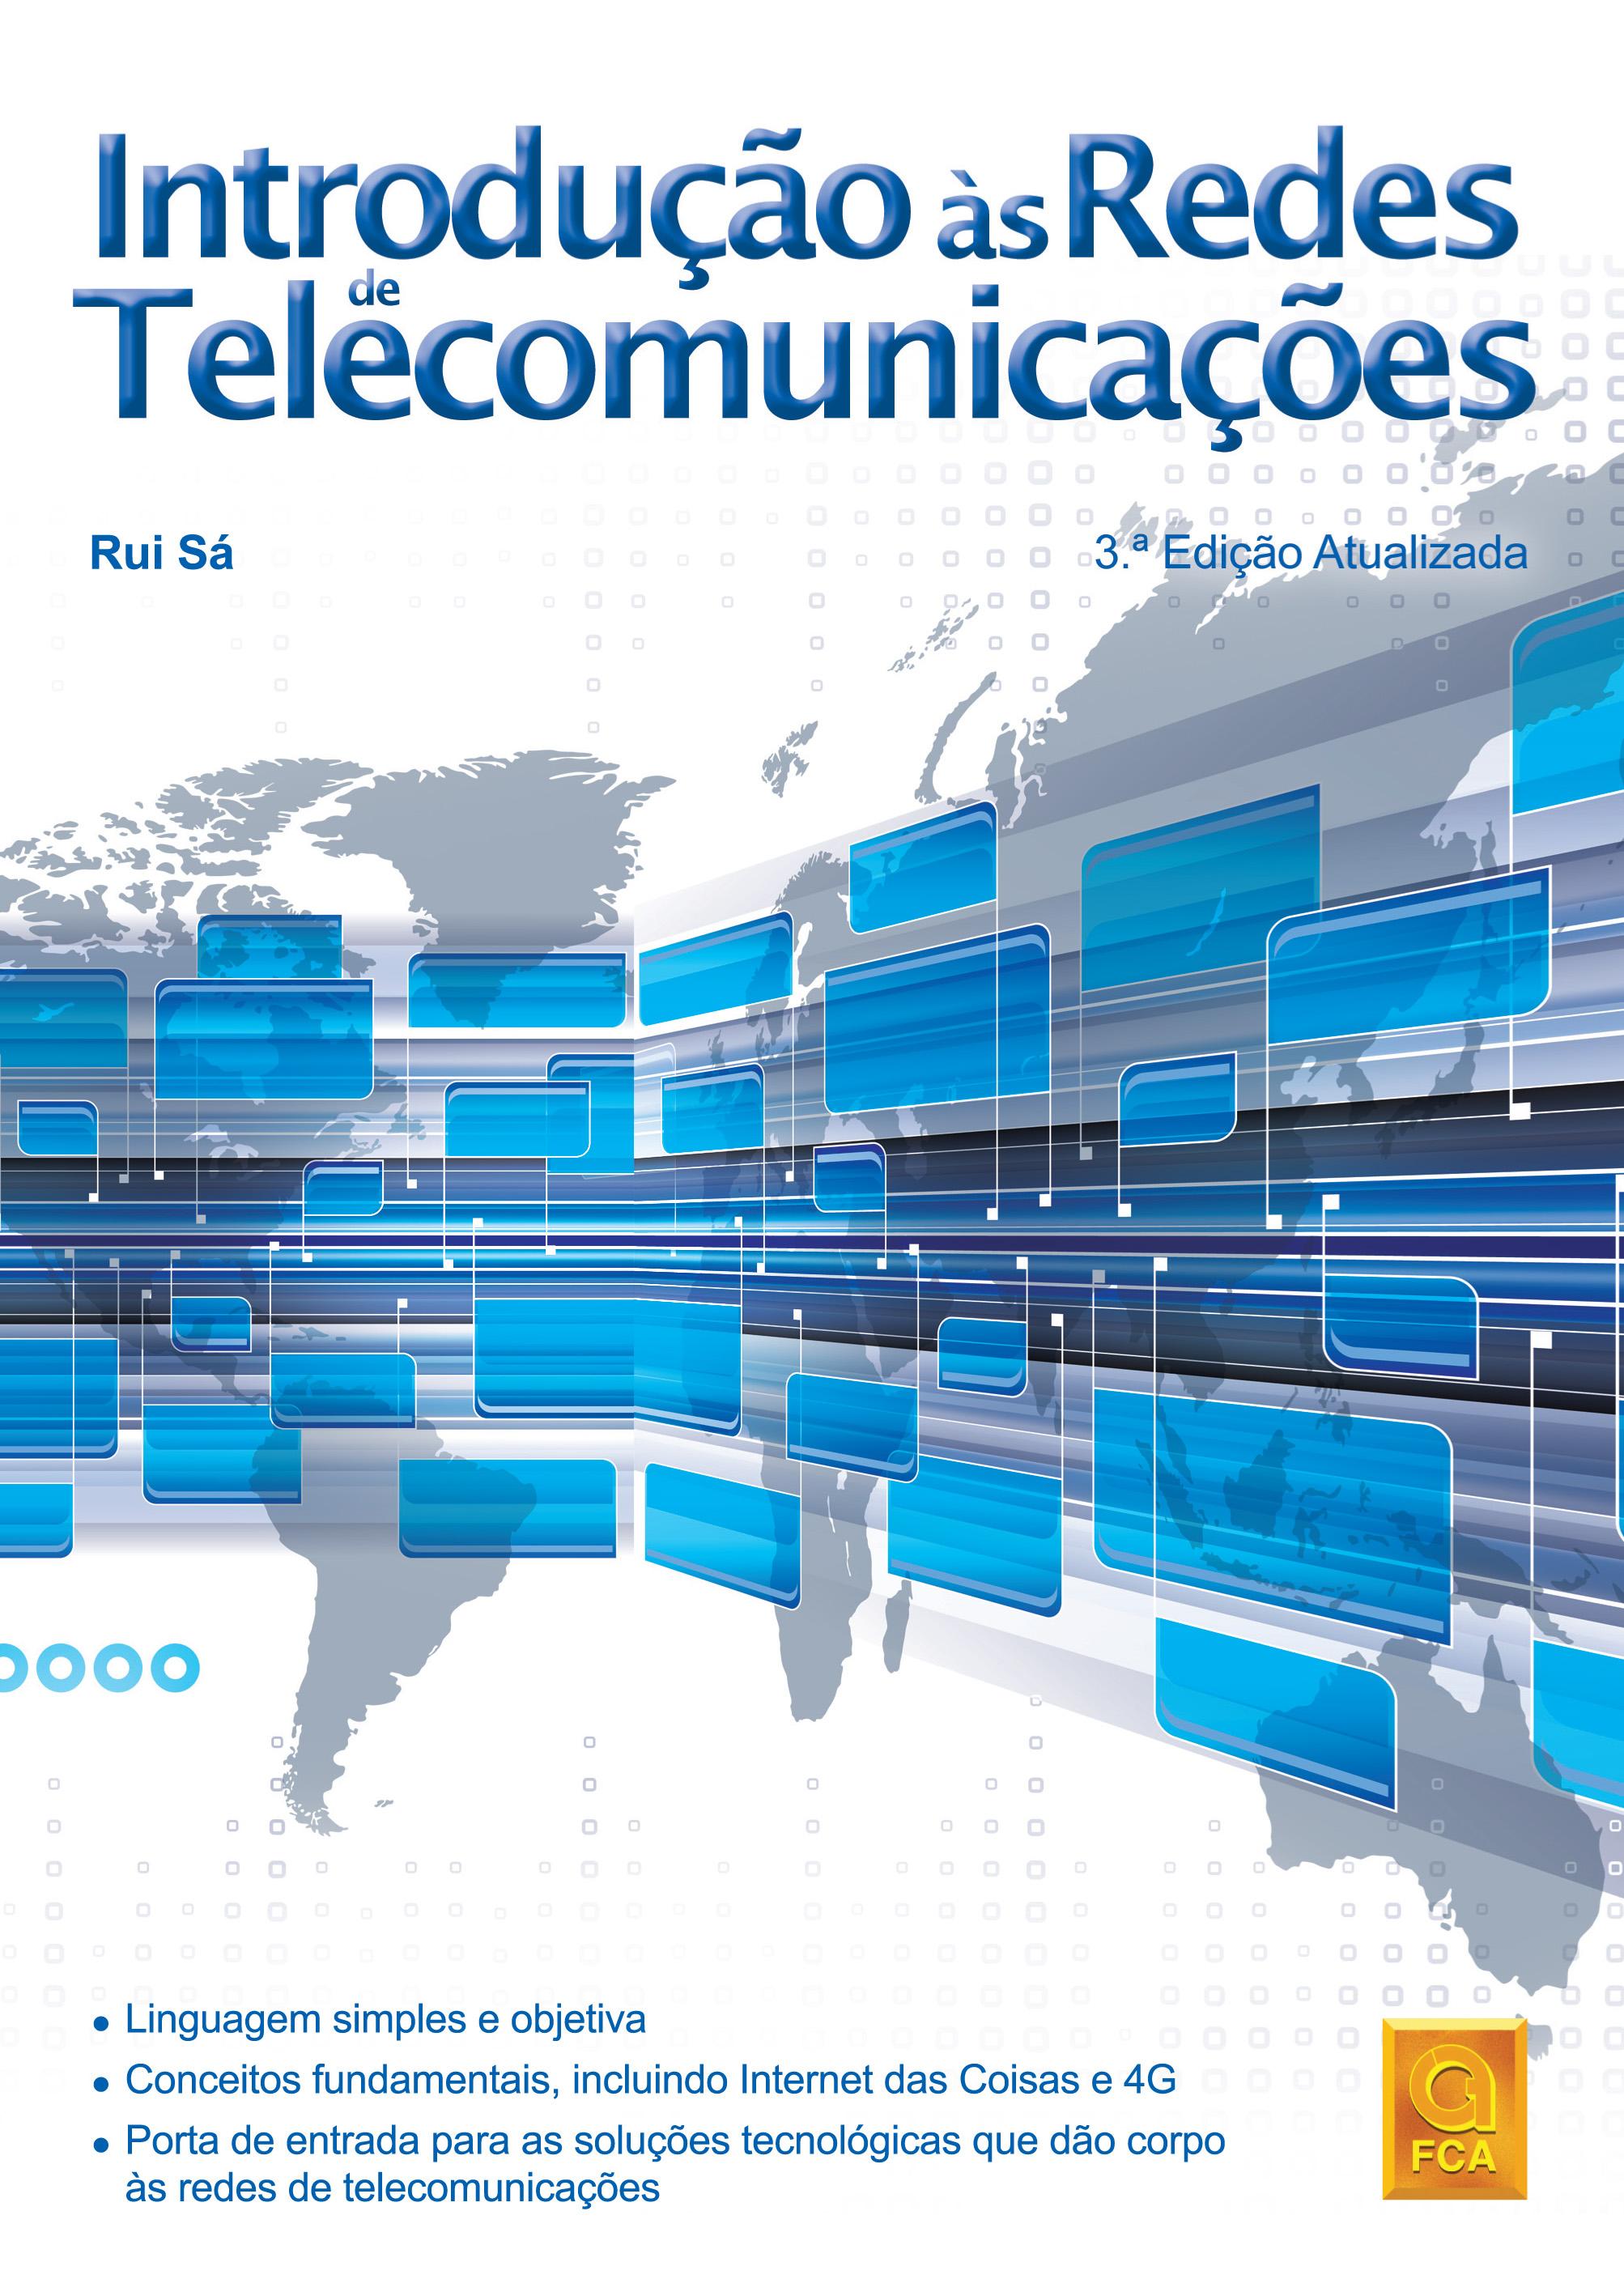 Redes de Telecomunicações: FCA lança a 3ª edição